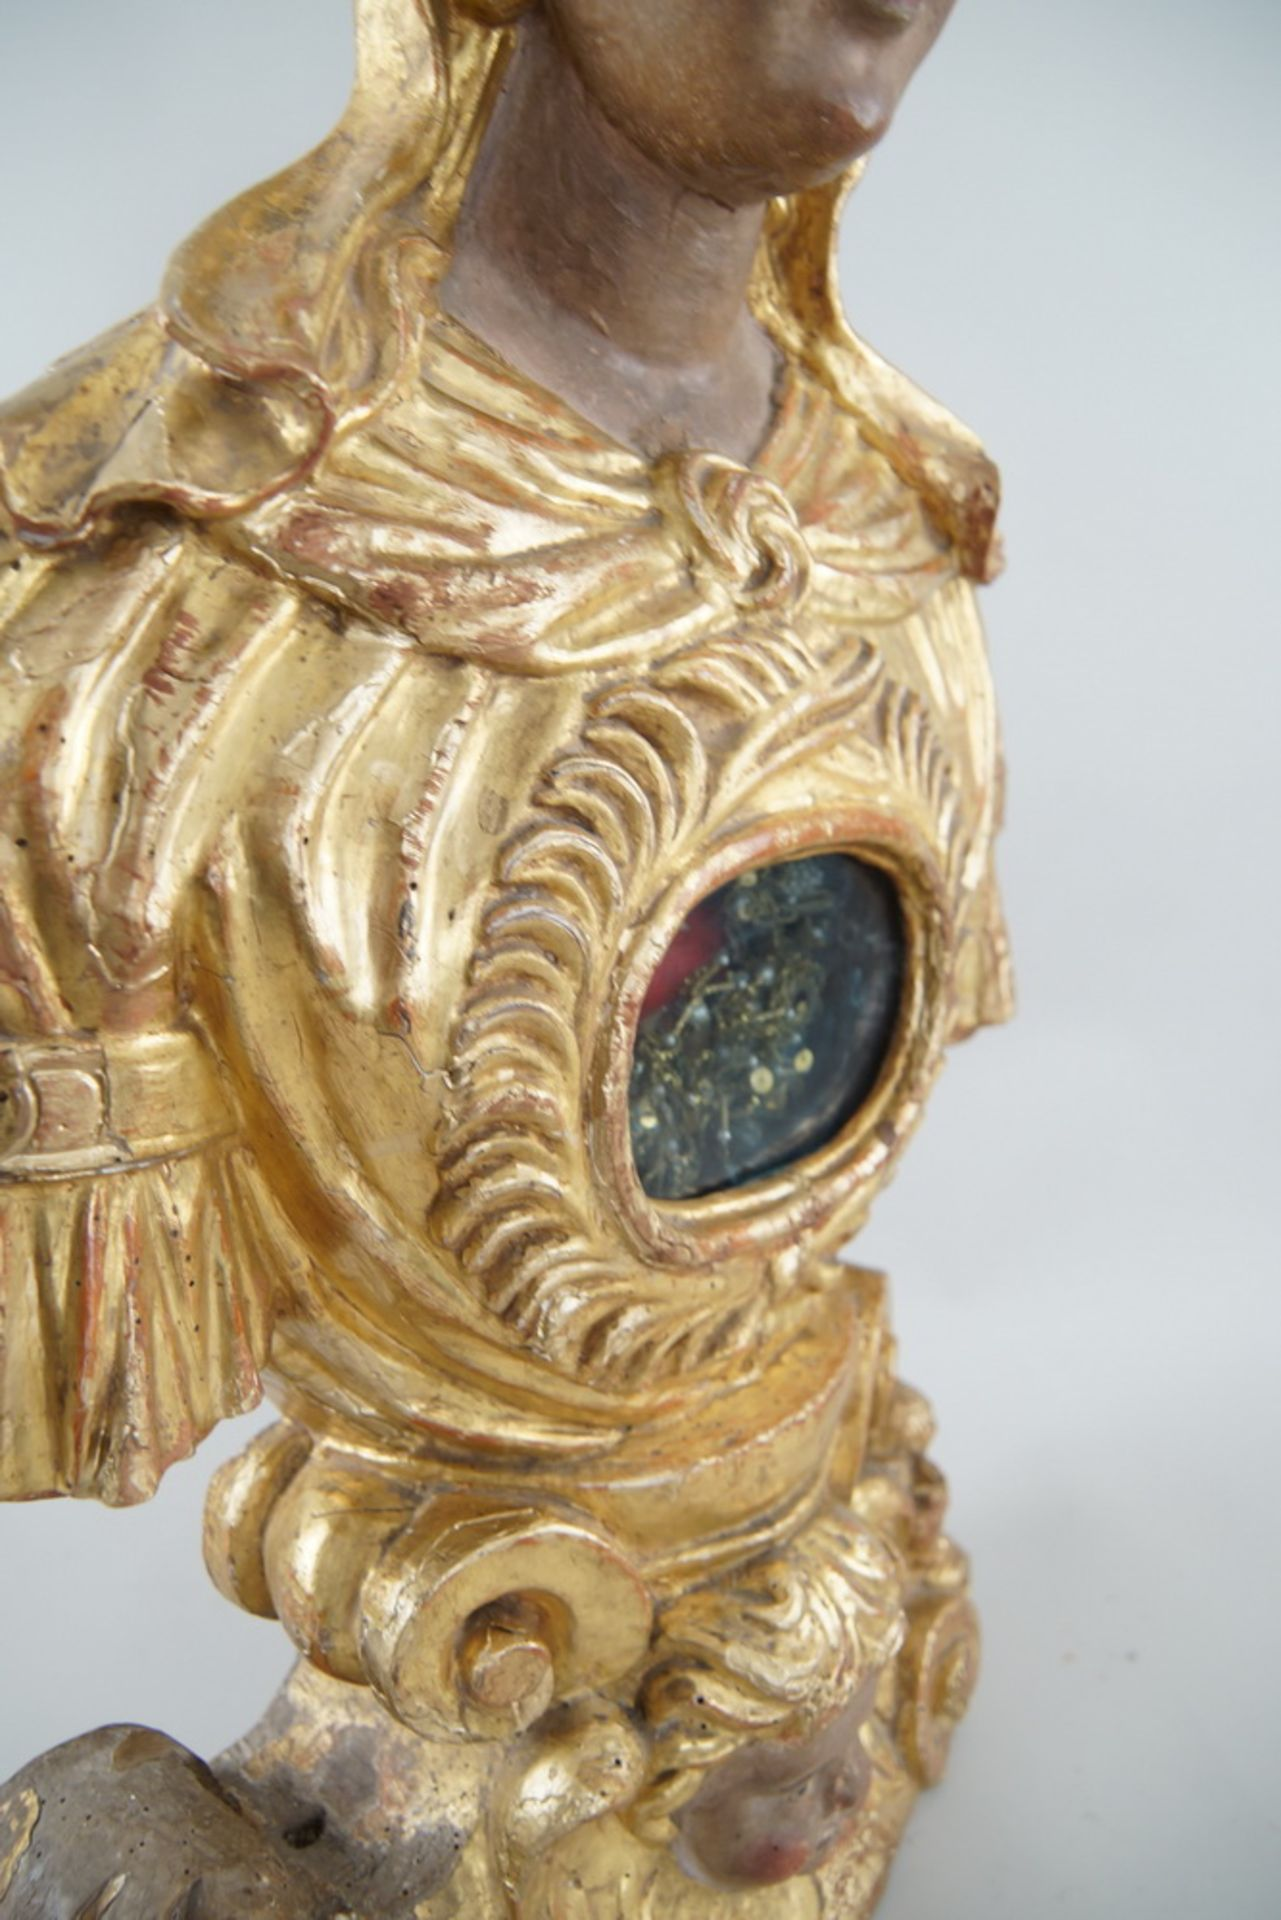 Los 7 - Prunkvolle Reliquienskulptur, Büste auf prächtigem Sockel, Holz geschnitzt, gefasst und